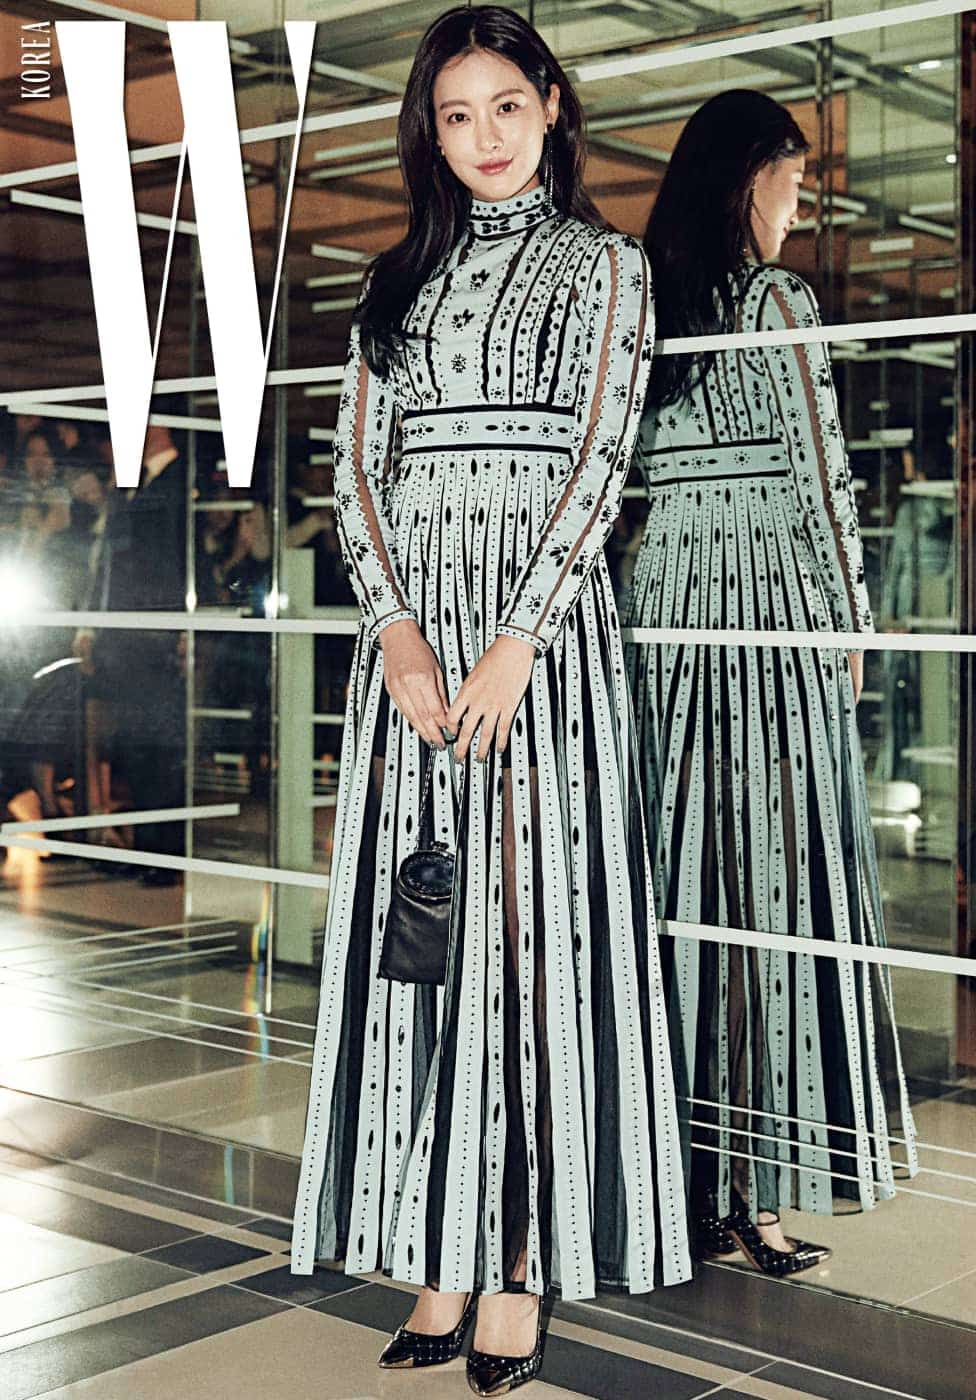 곱고 아리따운 드레스를 입은 배우 오연서. 시스루 주름 장식 드레스를 택해 클래식하면서도 매혹적인 분위기를 자아냈다. 섬세한 시스루 디테일 드레스, 미니 체인 백, 메탈릭한 앞코 장식이 특징인 스트랩 슈즈는 모두 Valentino 제품.